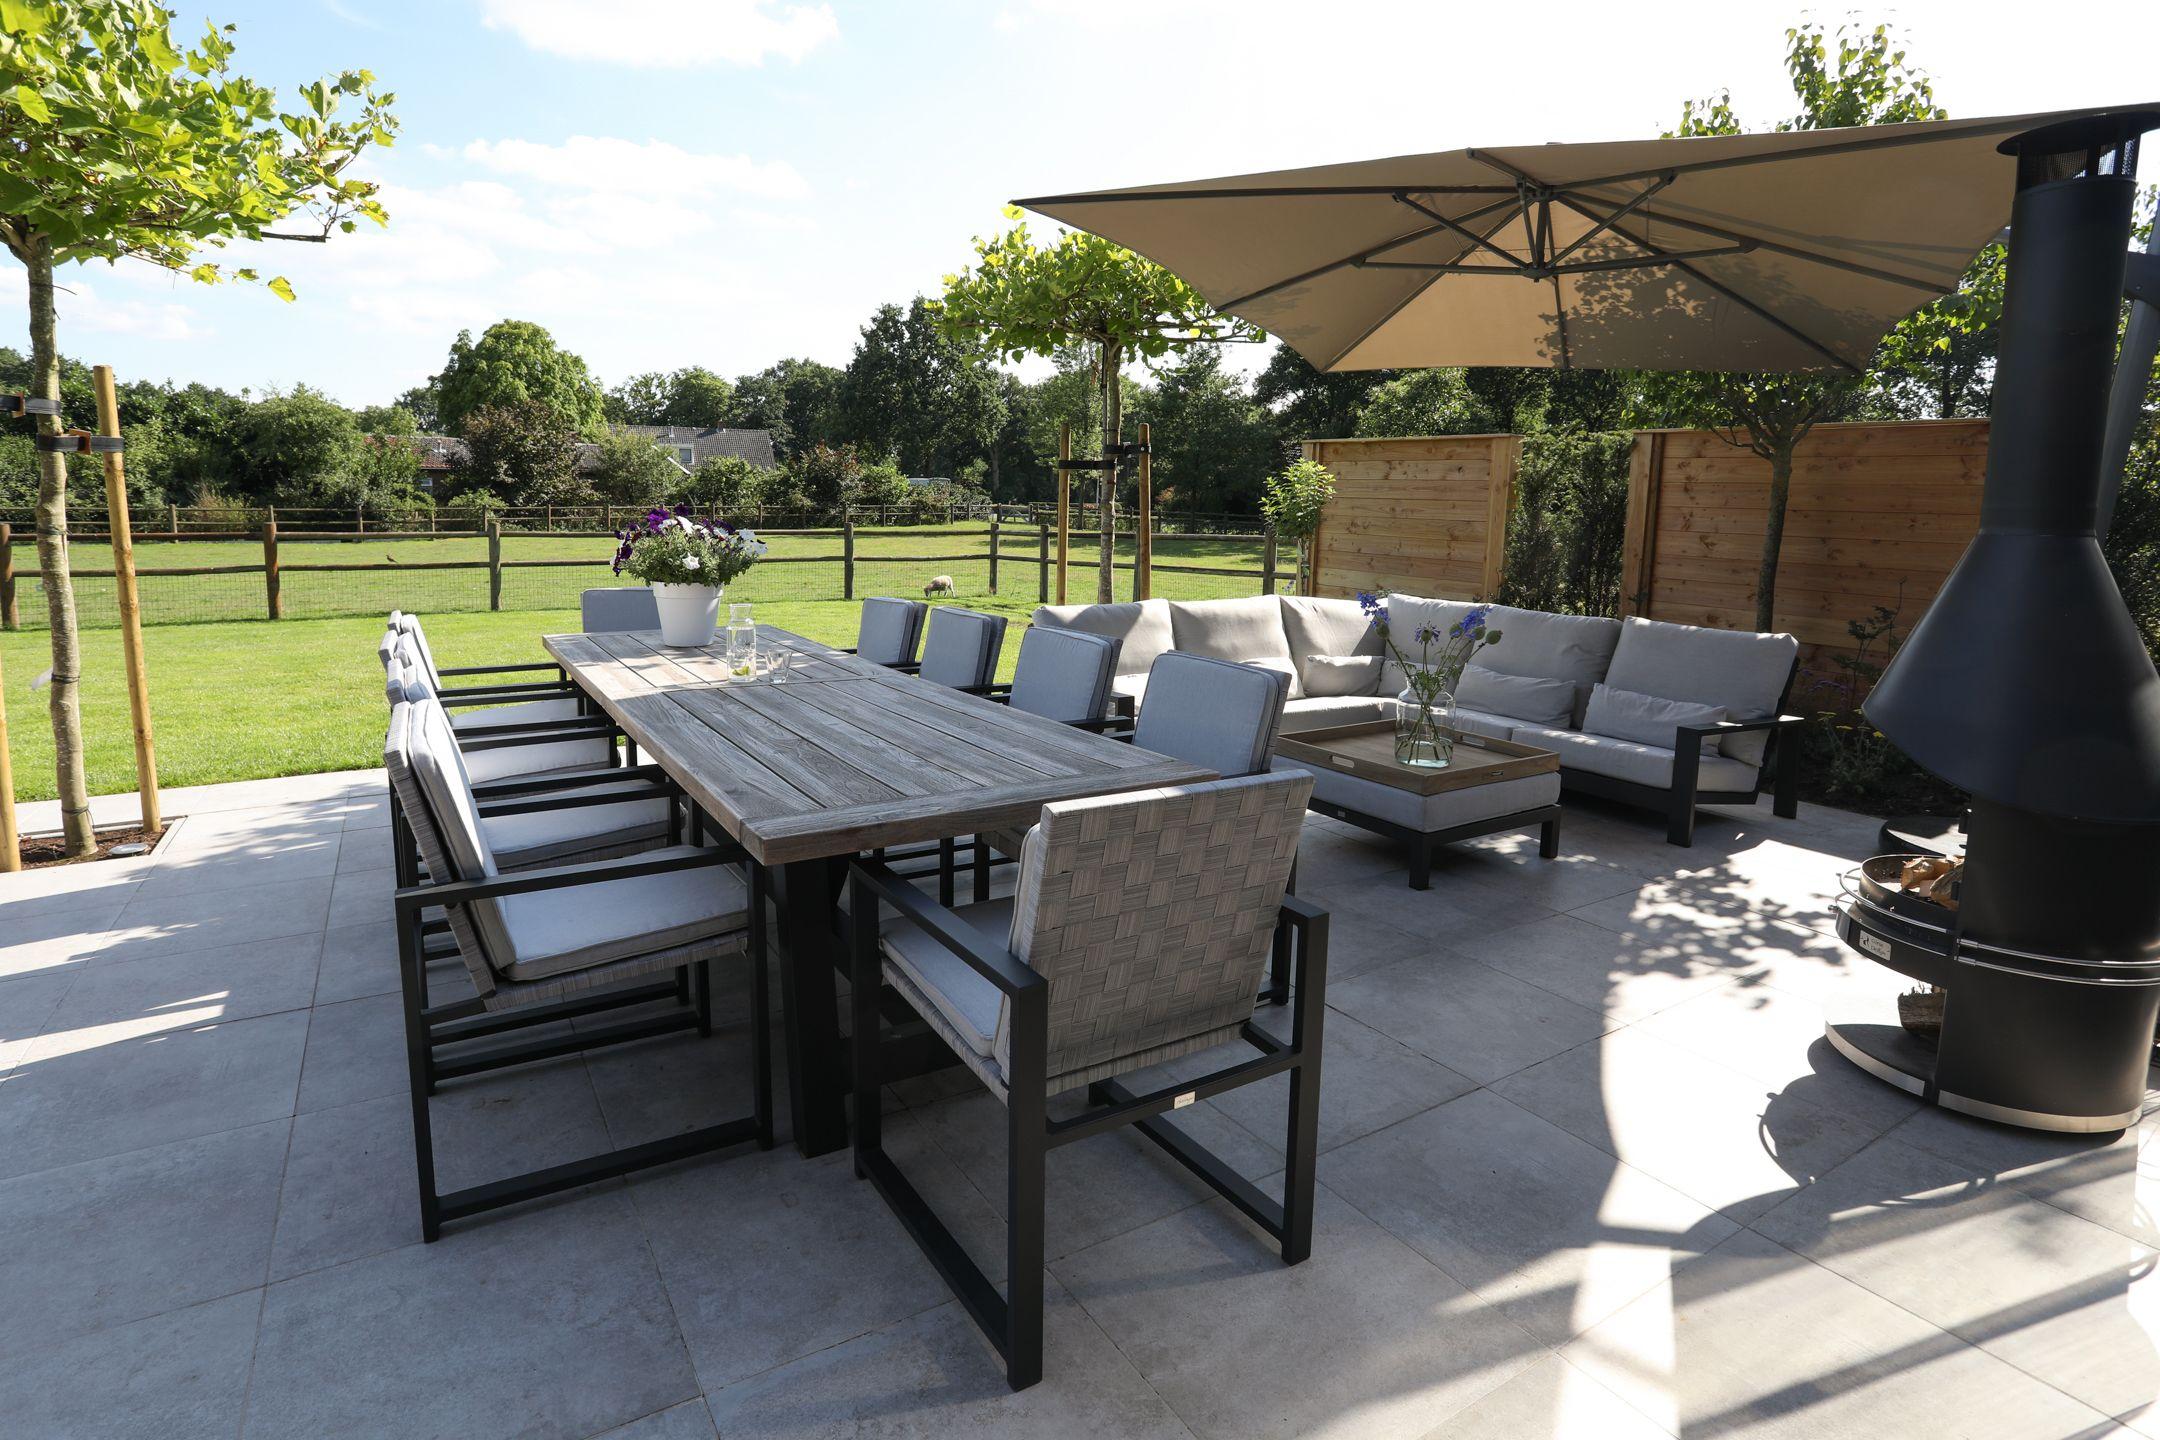 Gartenmöbel Sets Elegante Ideen, wie Sie den Garten gestalten